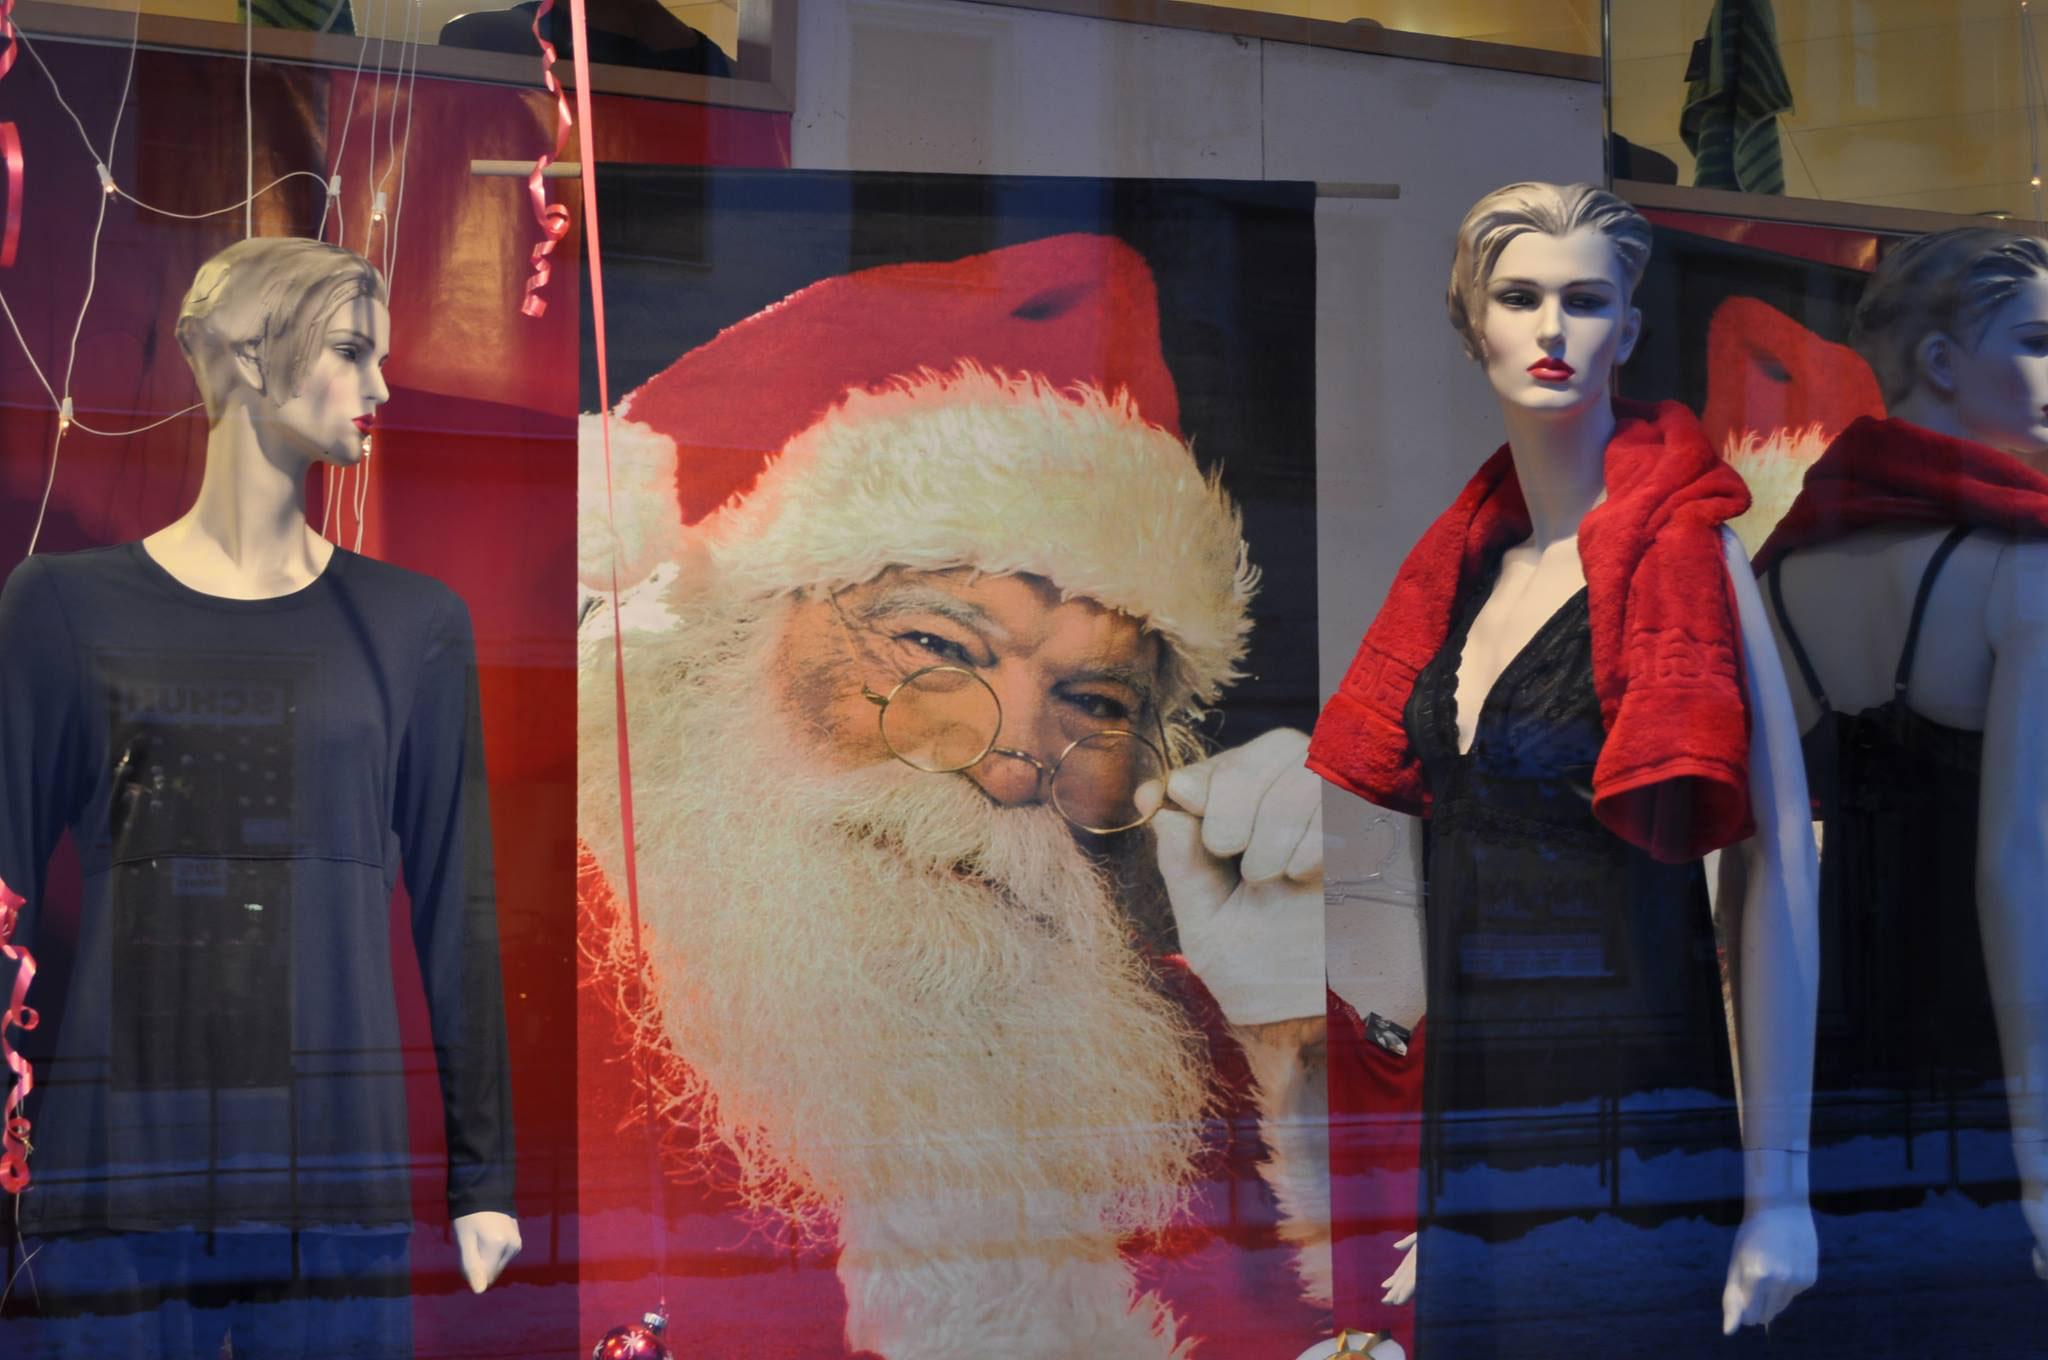 Für Weihnachtsmann Einen Für Augenblick Einen Brycke Augenblick Weihnachtsmann Weihnachtsmann Für Brycke WQxoerCBd